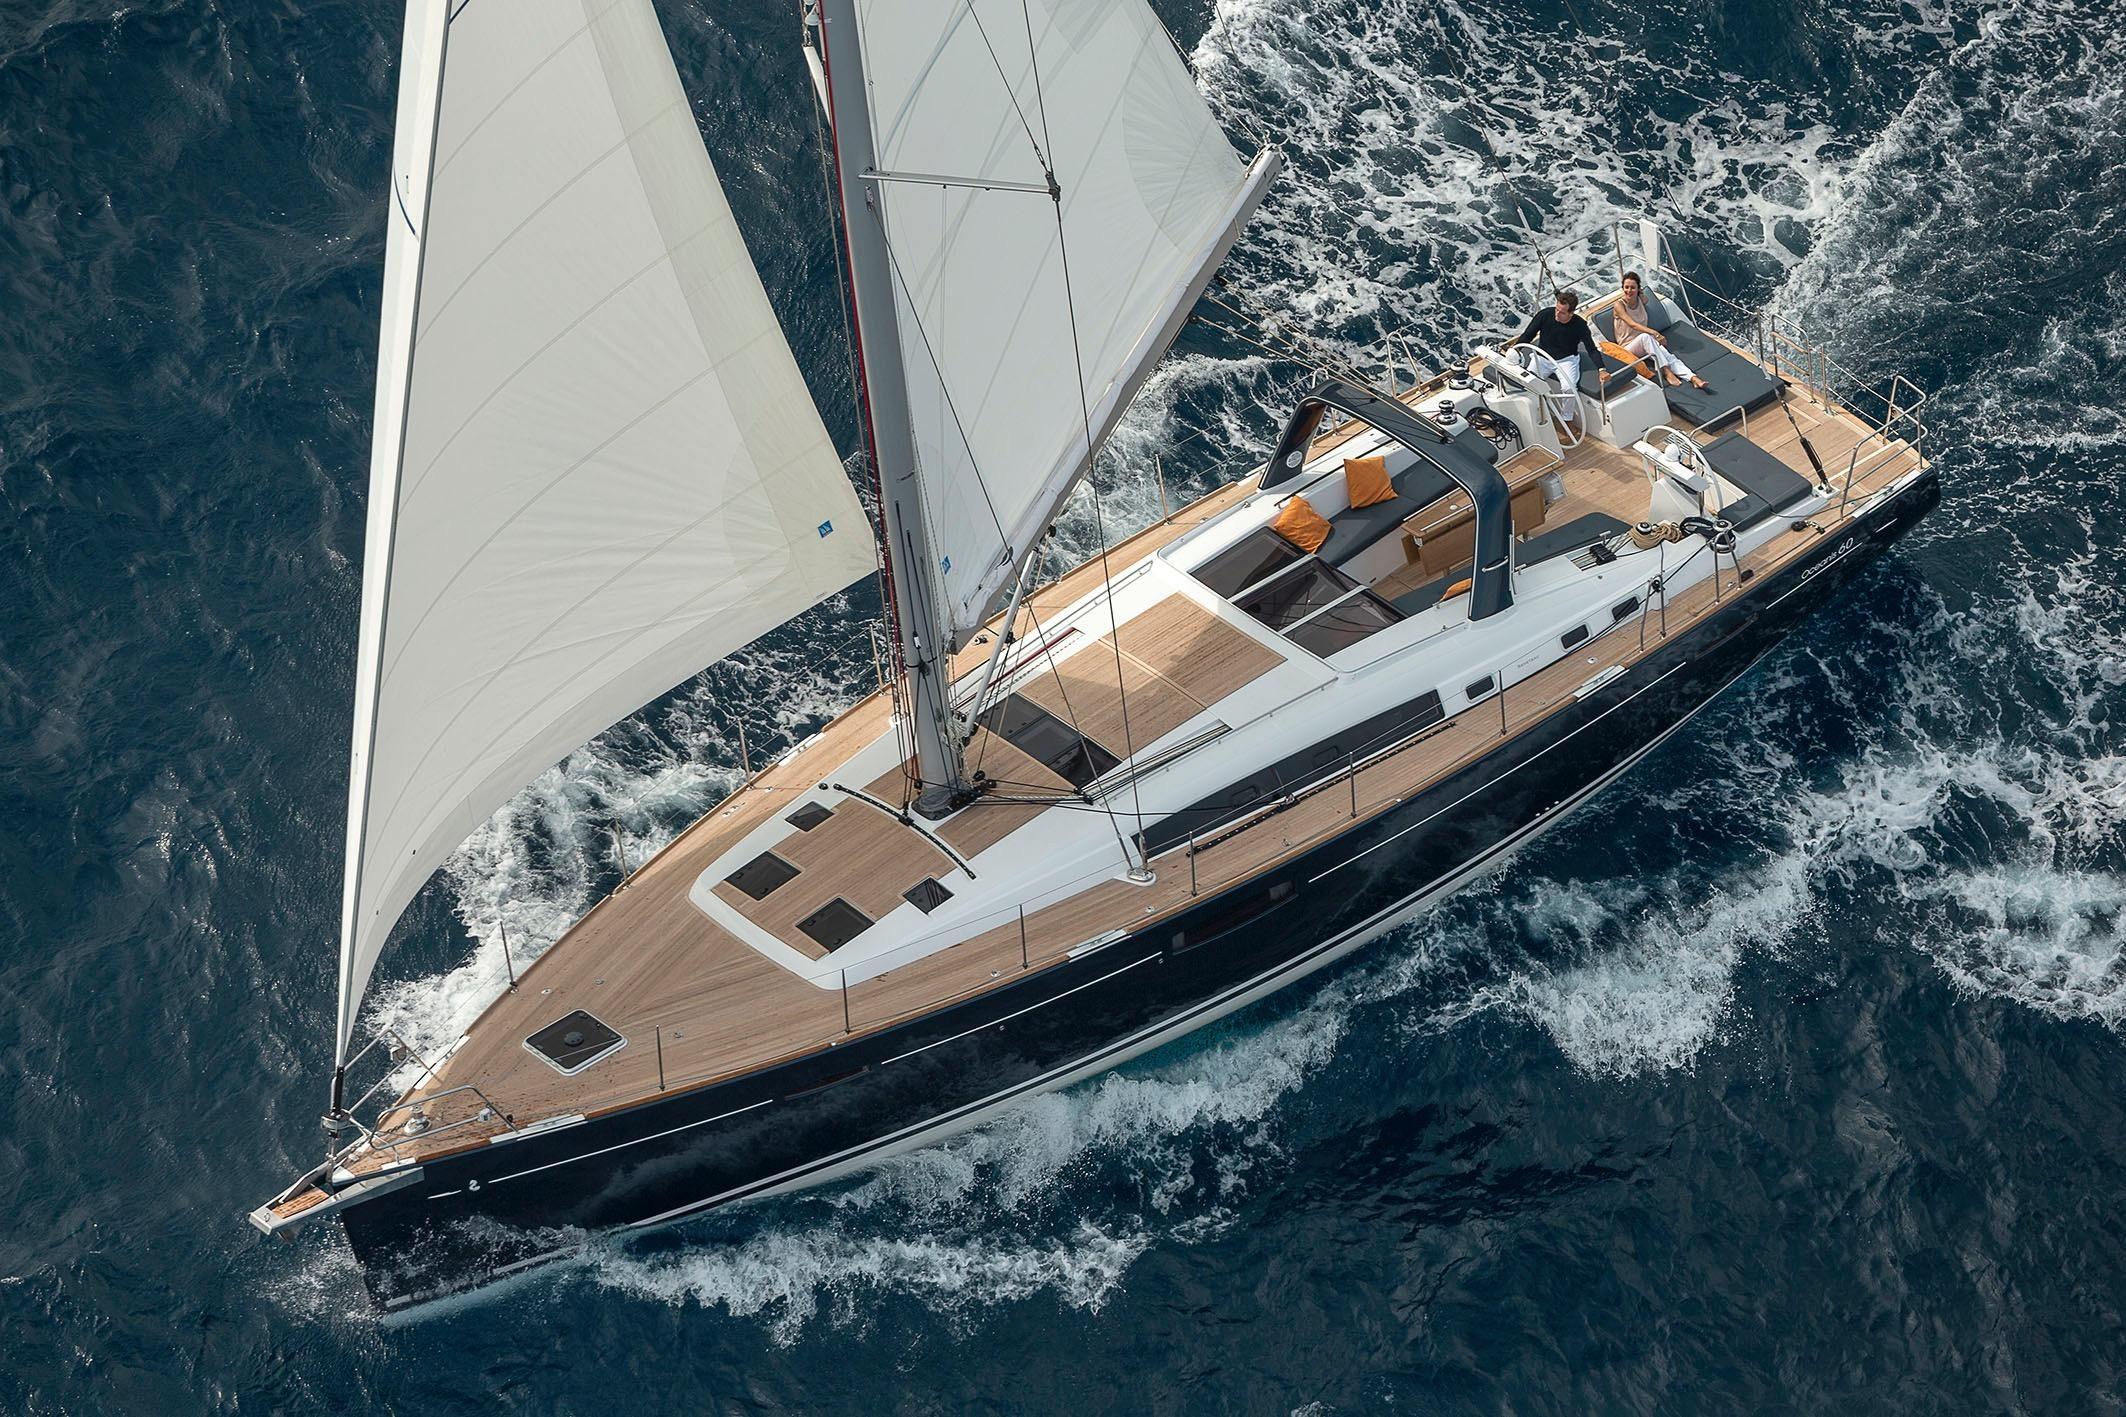 2016 Beneteau Oceanis 60 Sail Boat For Sale Www